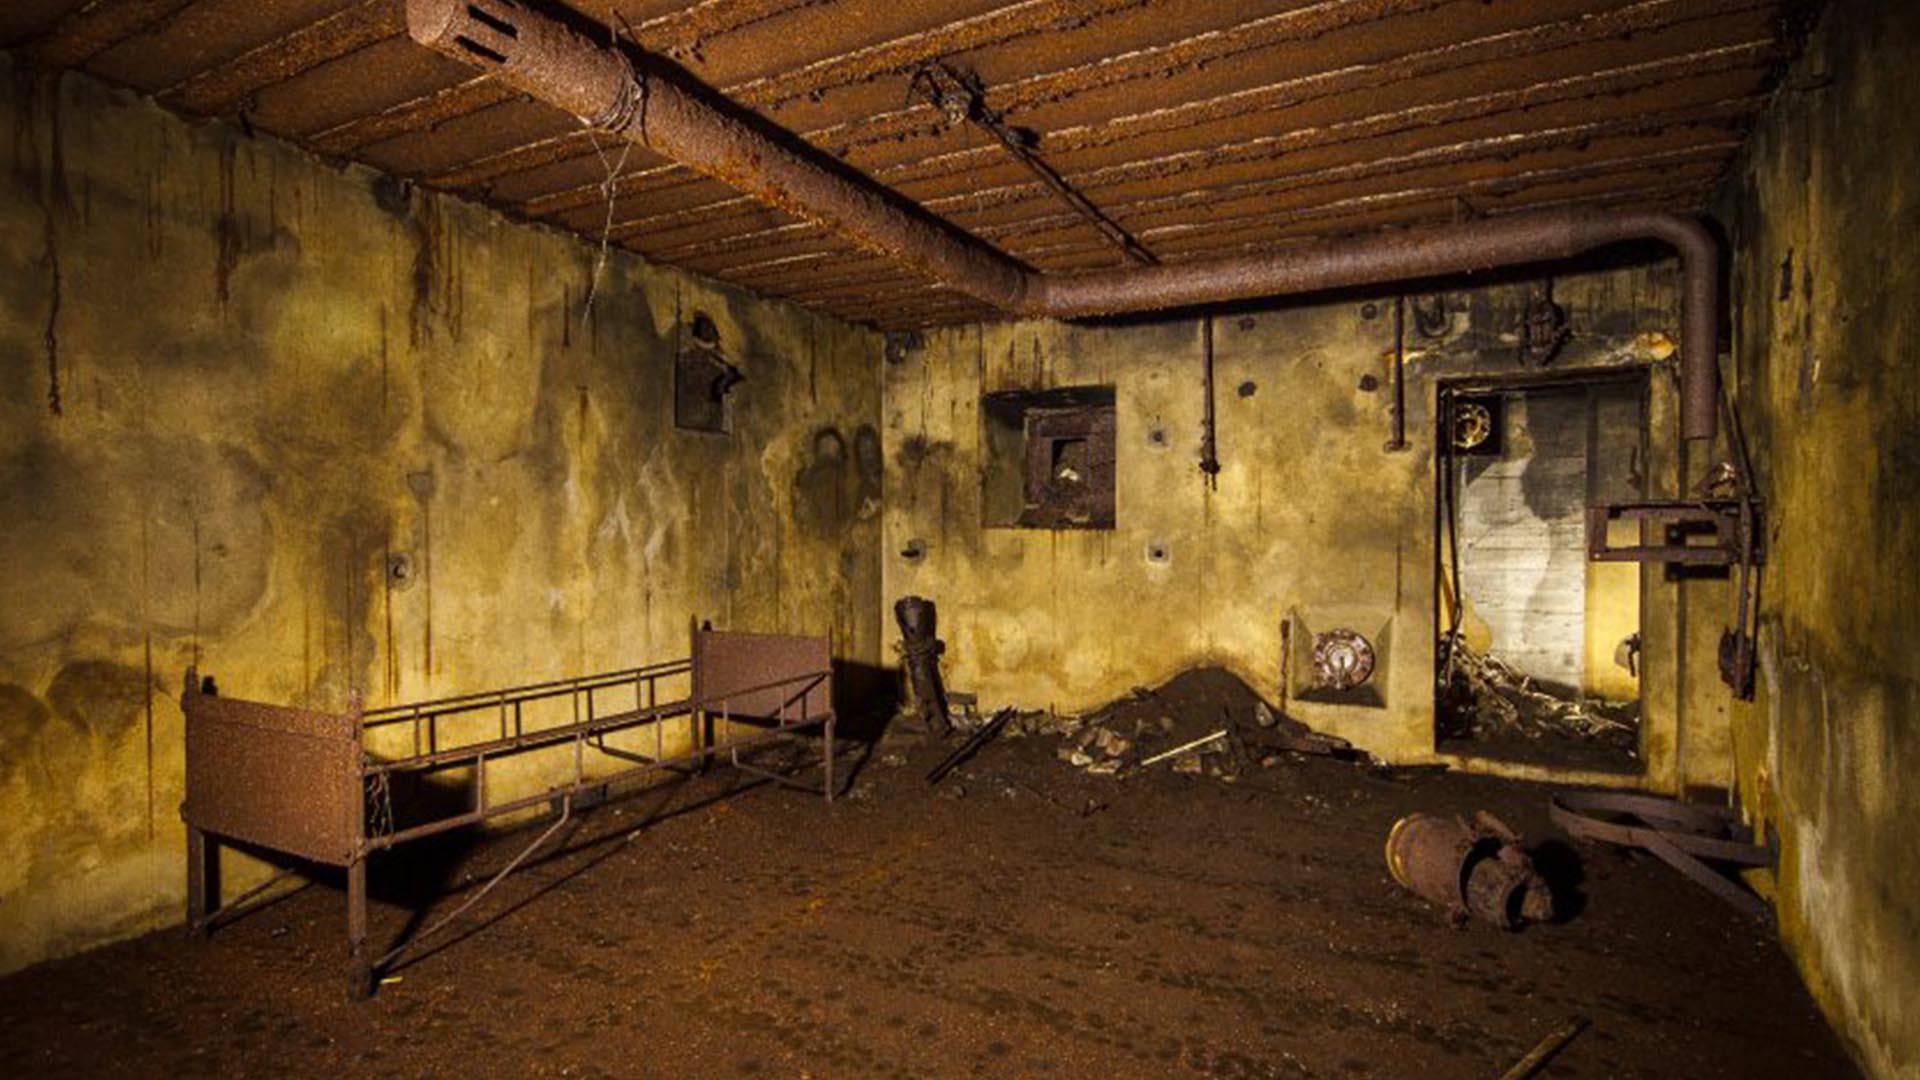 El búnker descubierto y en proceso de restauración estaba ocupado por 3.300 soldados al comando de las SS (Solveig Grothe)